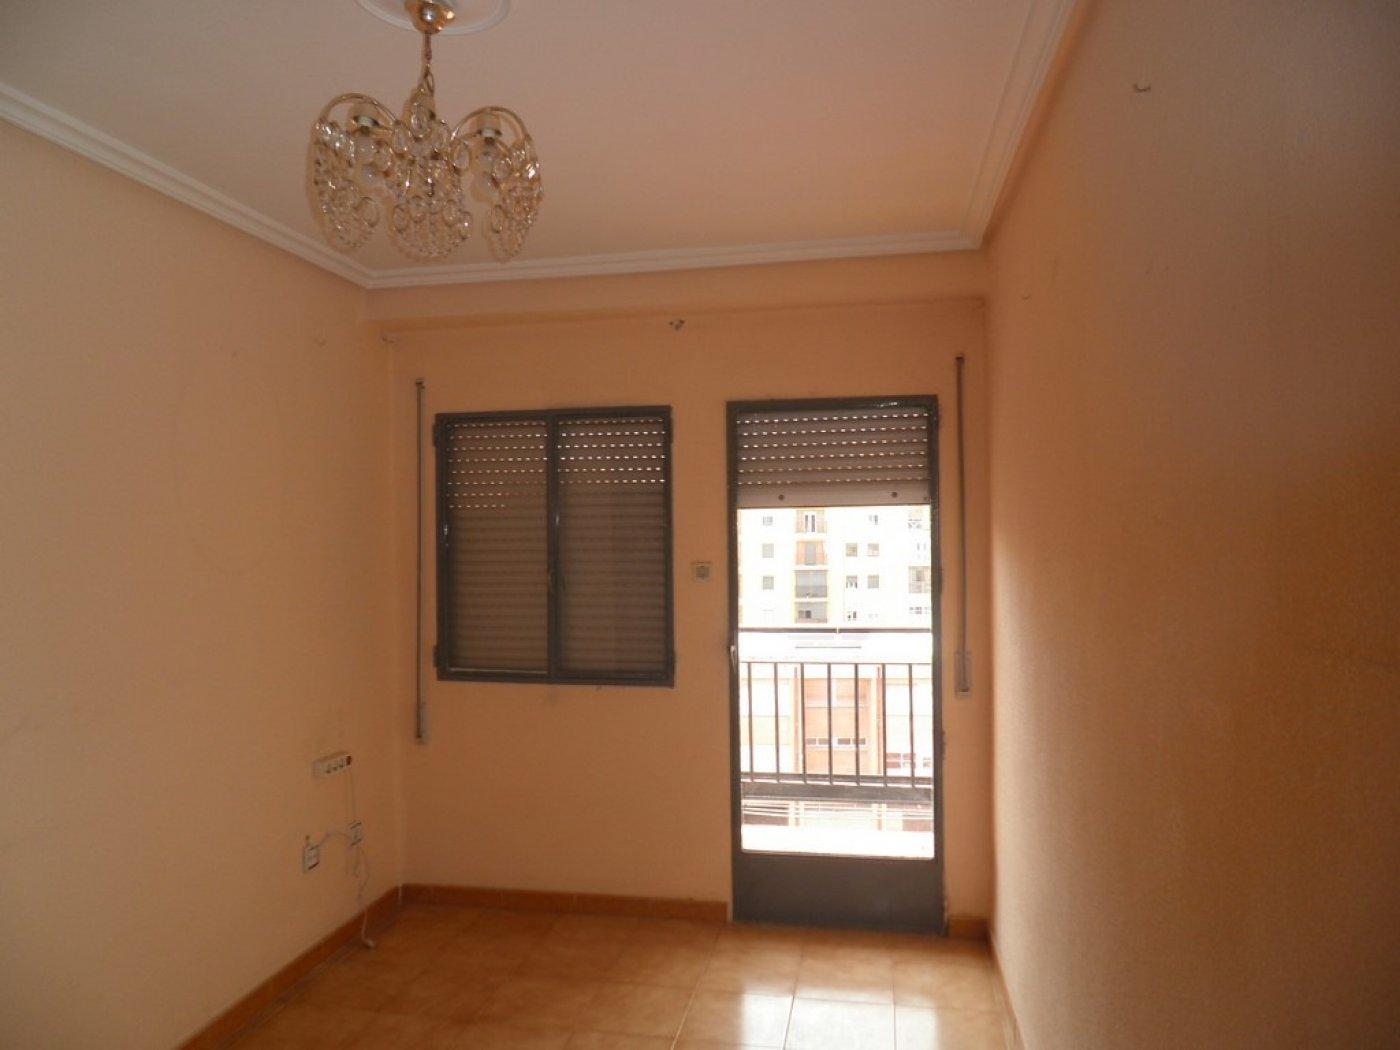 Oportunidad de vivienda reformada en finca con ascensor  y garaje incluido - imagenInmueble11